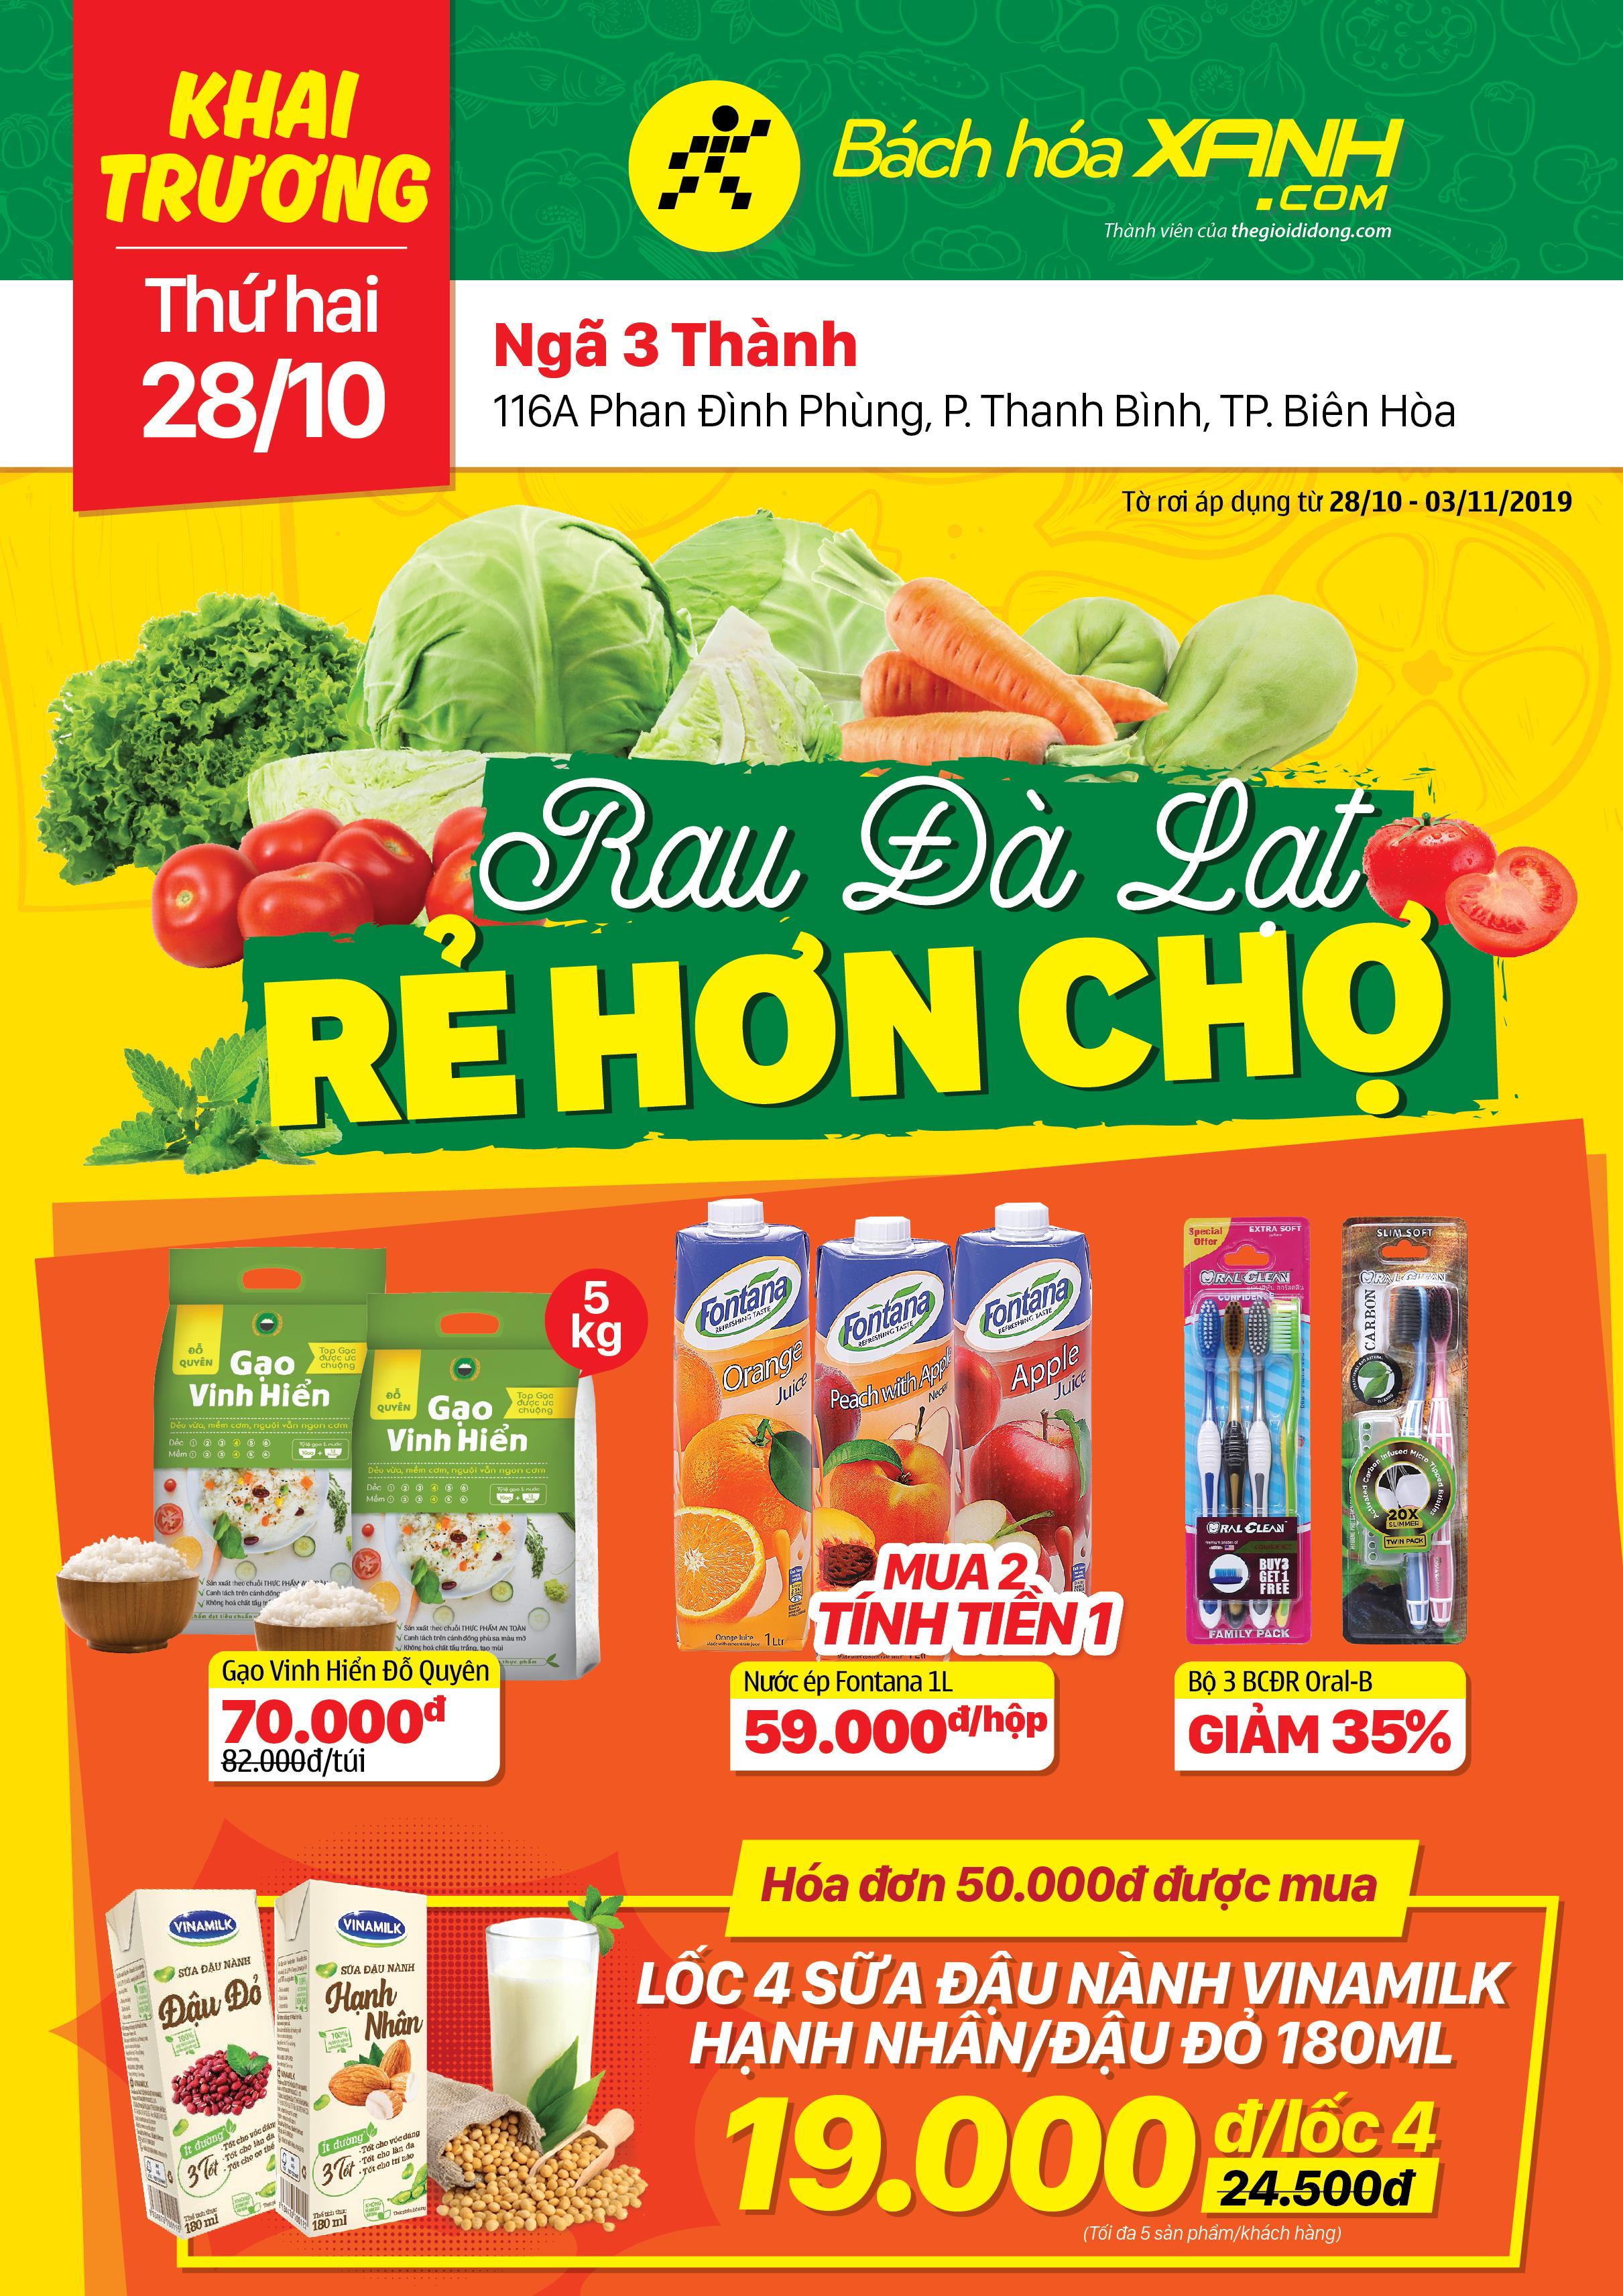 Cửa hàng Bách hoá XANH 116A Phan Đình Phùng khai trương 28/10/2019